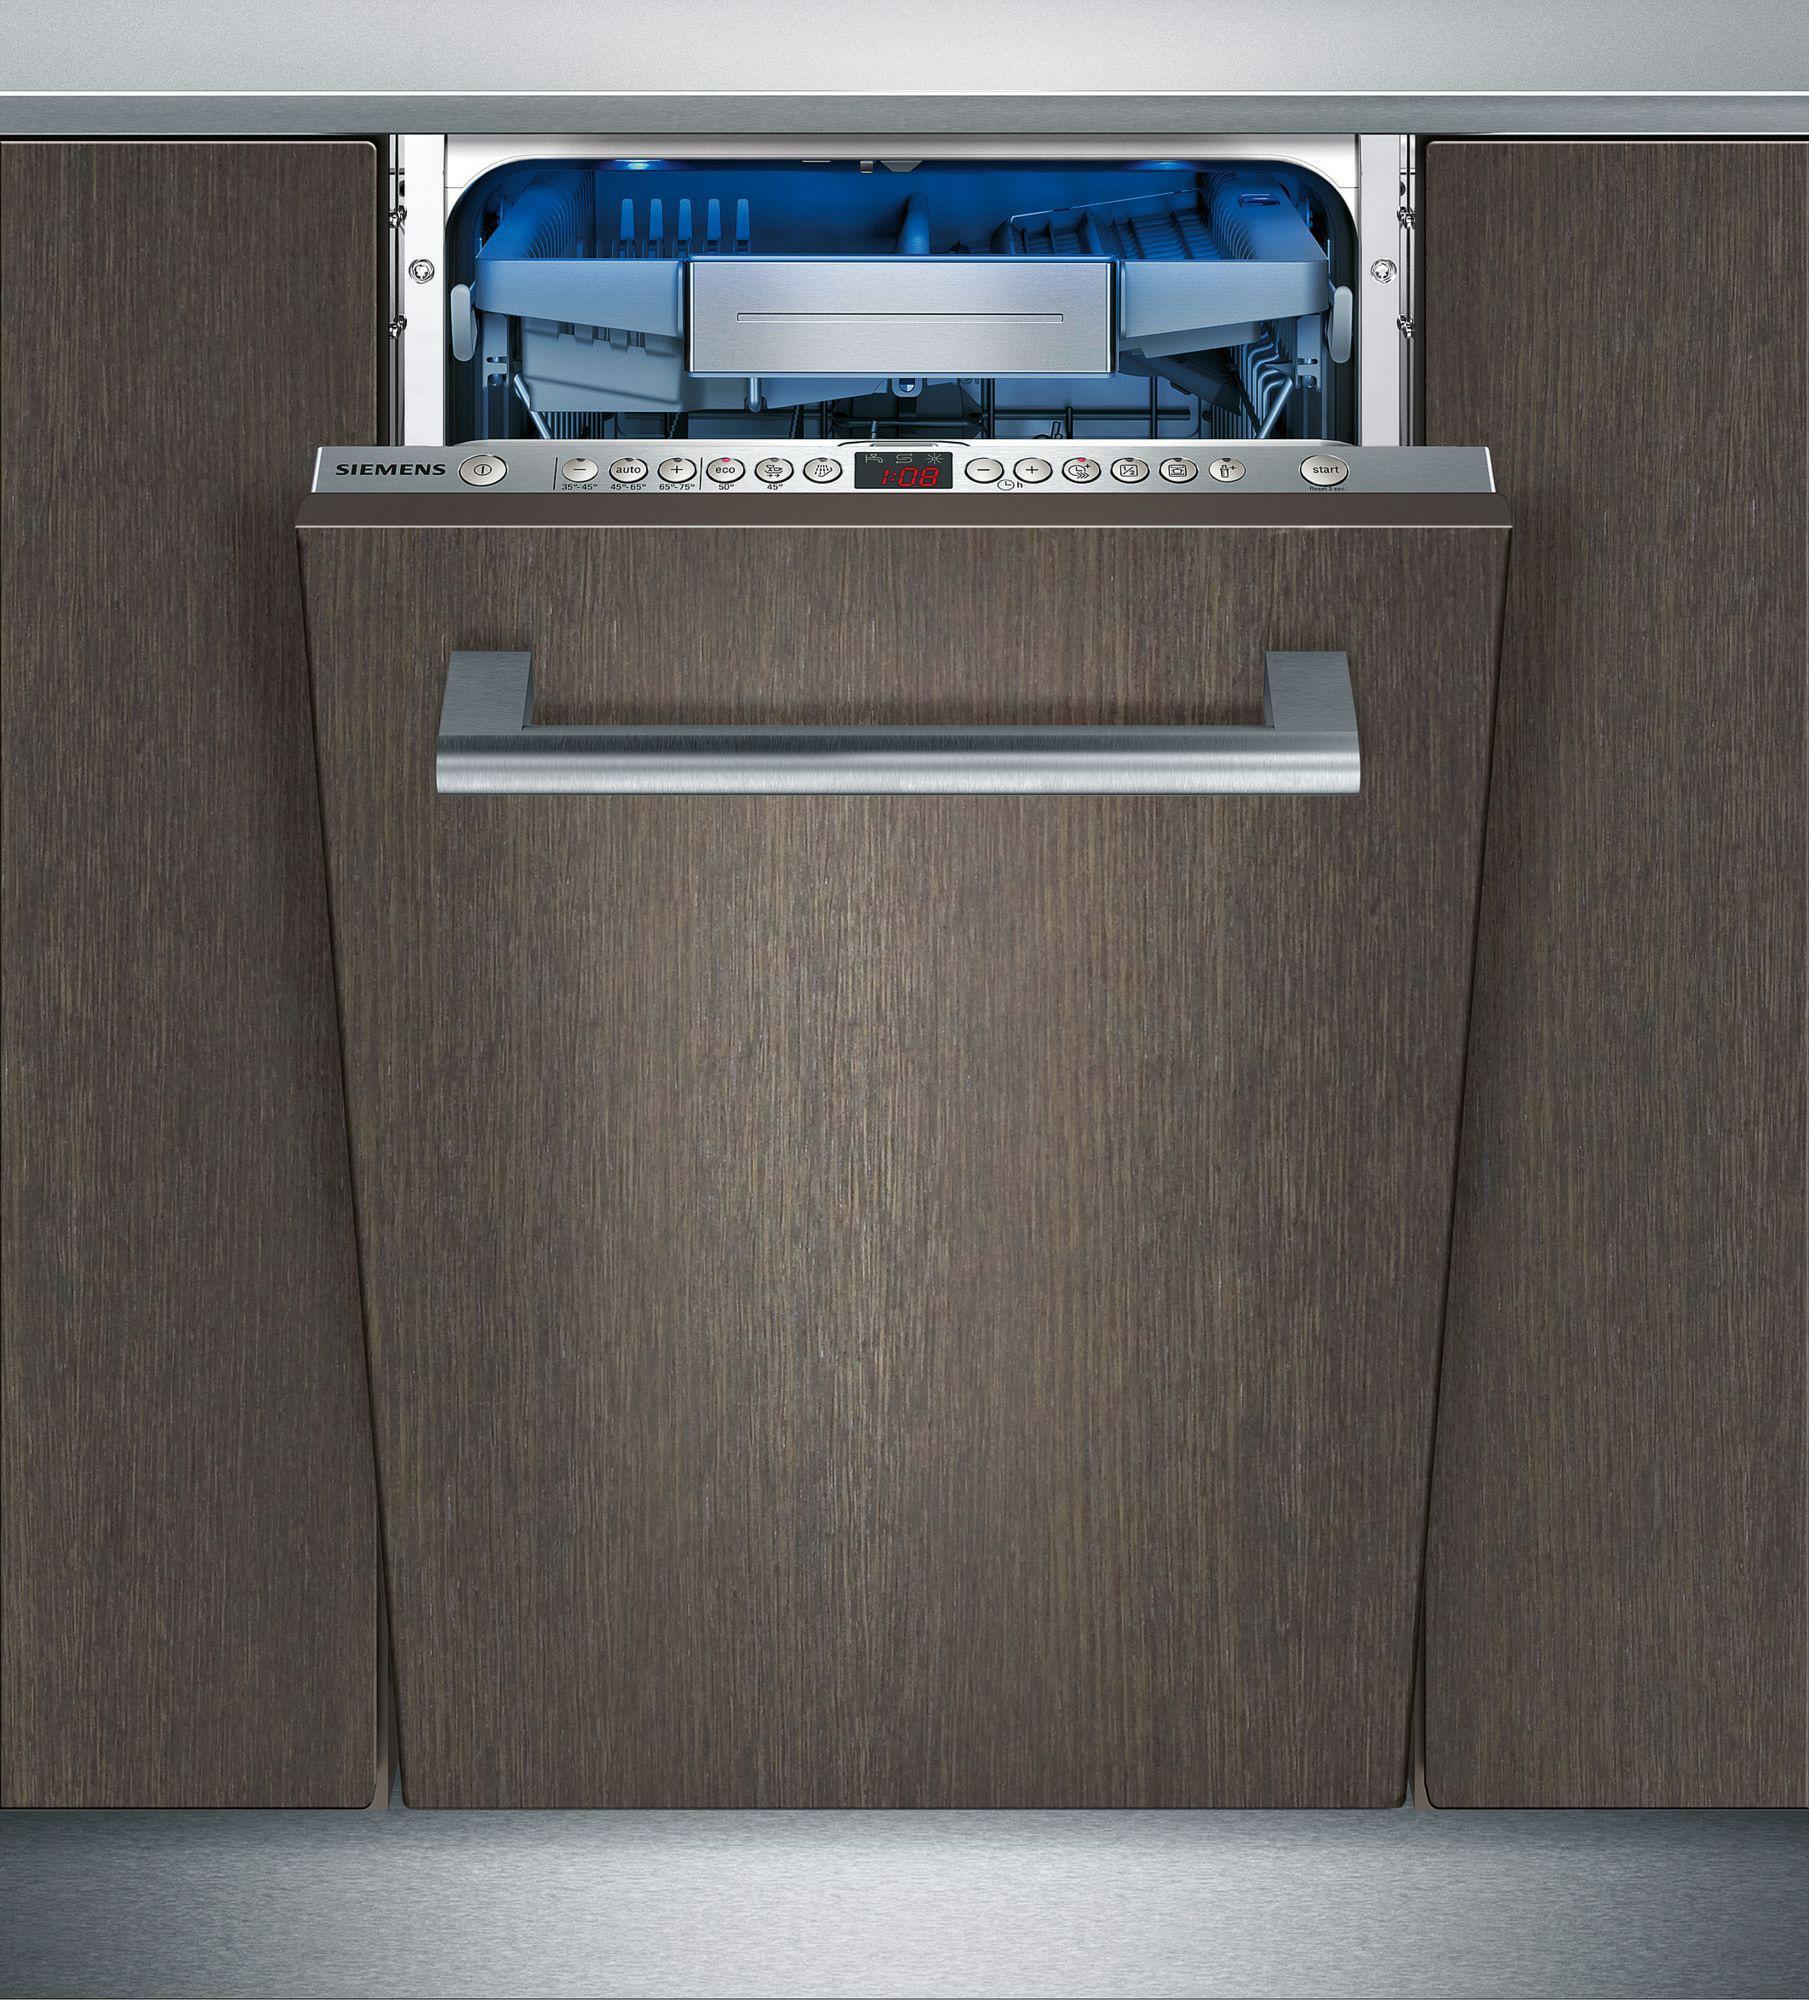 siemens sr66t099eu vaatwasser volledig integreerbaar 45 cm sr 66t099 sr66t099 sr 66 t 099 eu. Black Bedroom Furniture Sets. Home Design Ideas